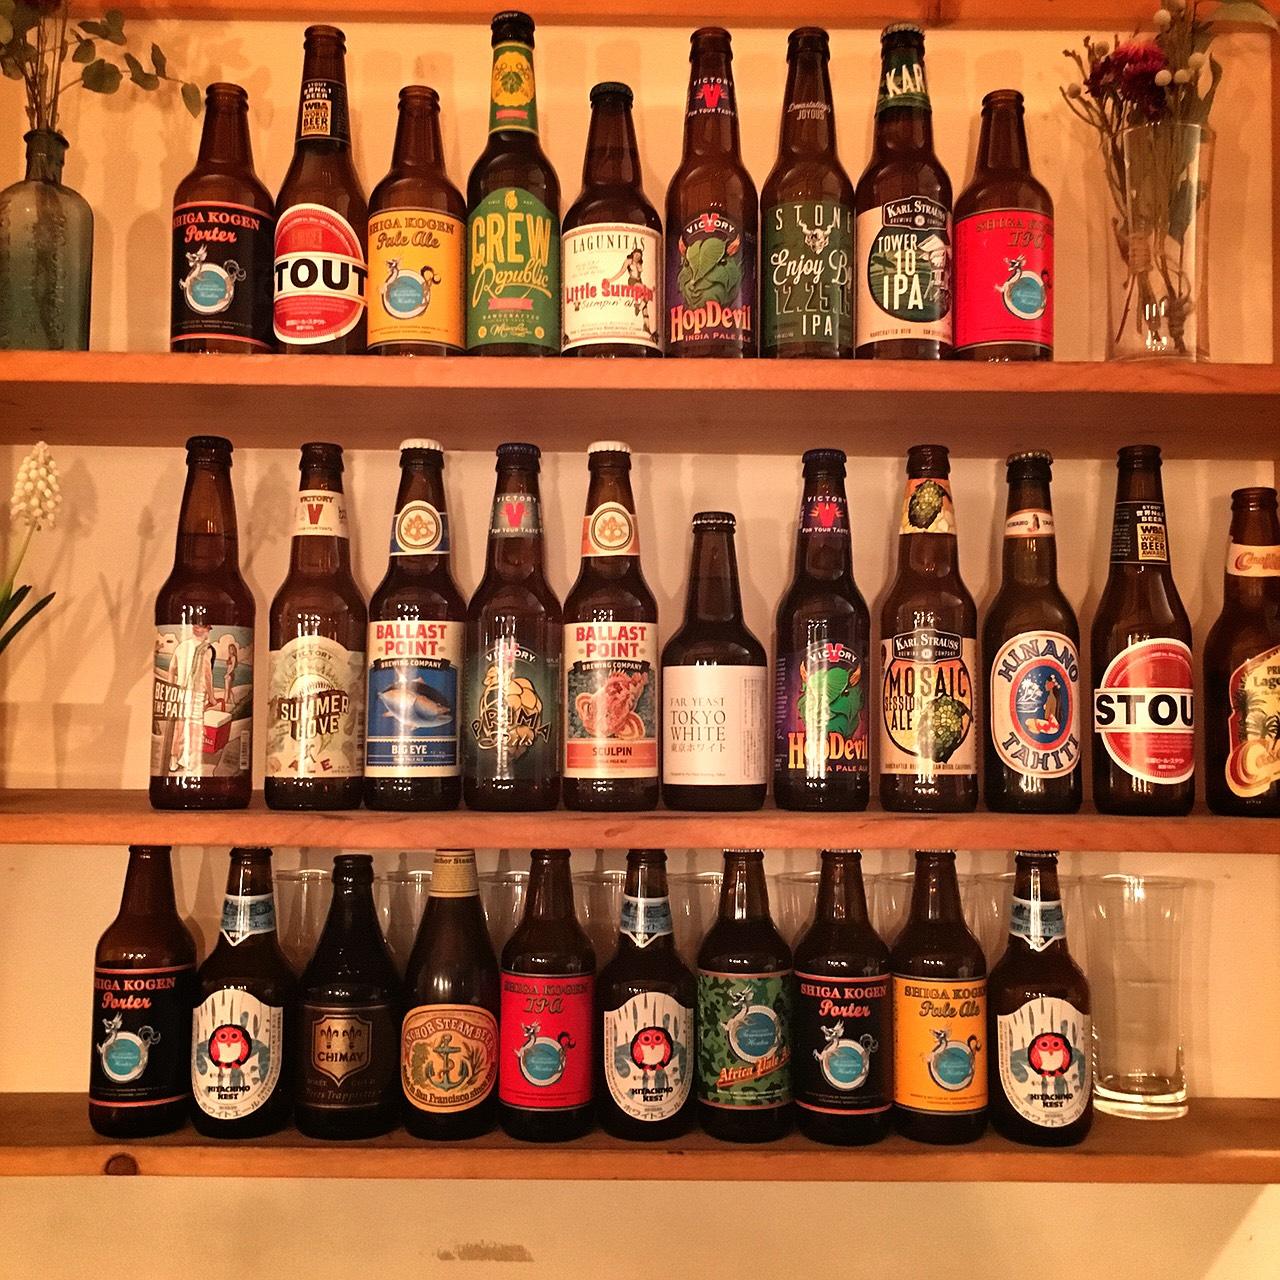 プロが本気でオススメする選ばれしクラフトビール6種が集結 food160310_tasteandsense_3